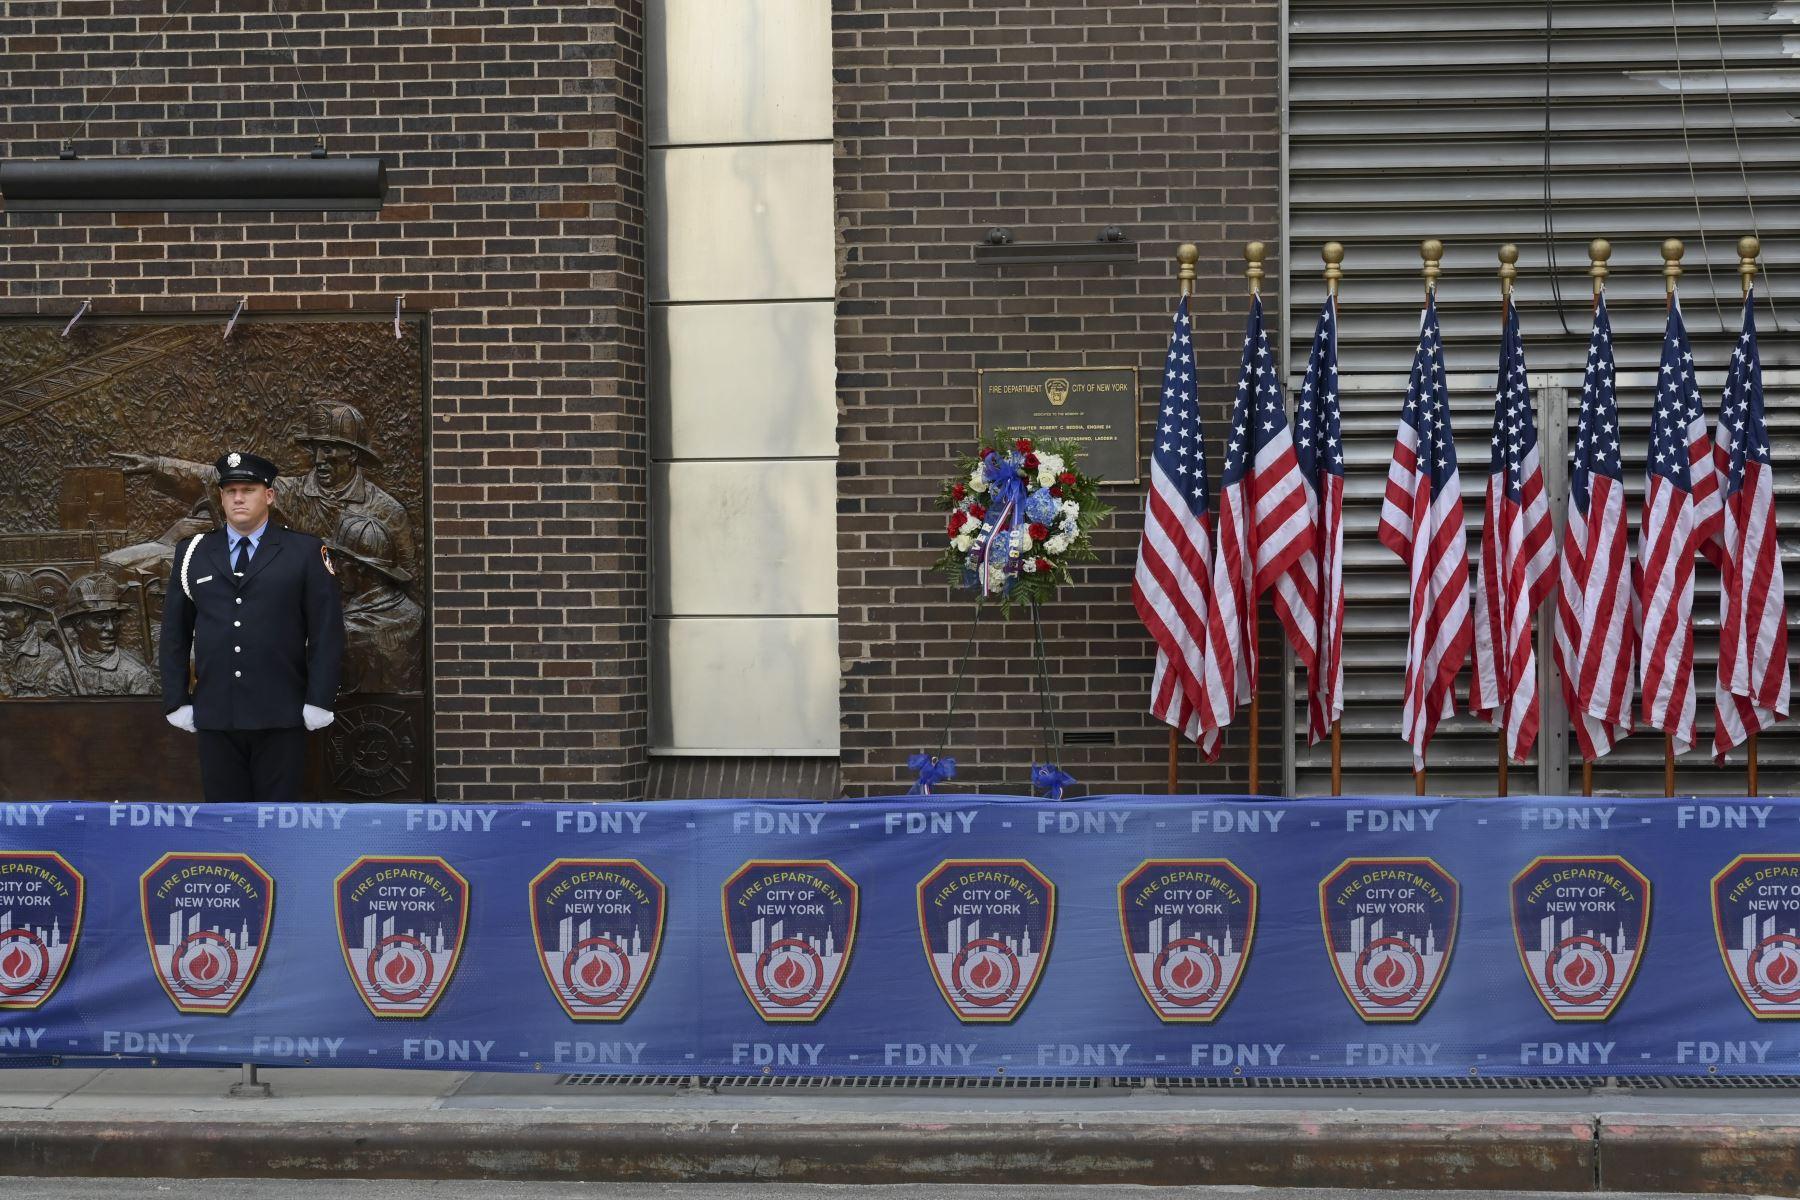 Un bombero de Nueva York está en atención en un Firehouse el 11 de septiembre de 2019, en el 18 aniversario de los ataques del 11 de septiembre.  Foto :AFP